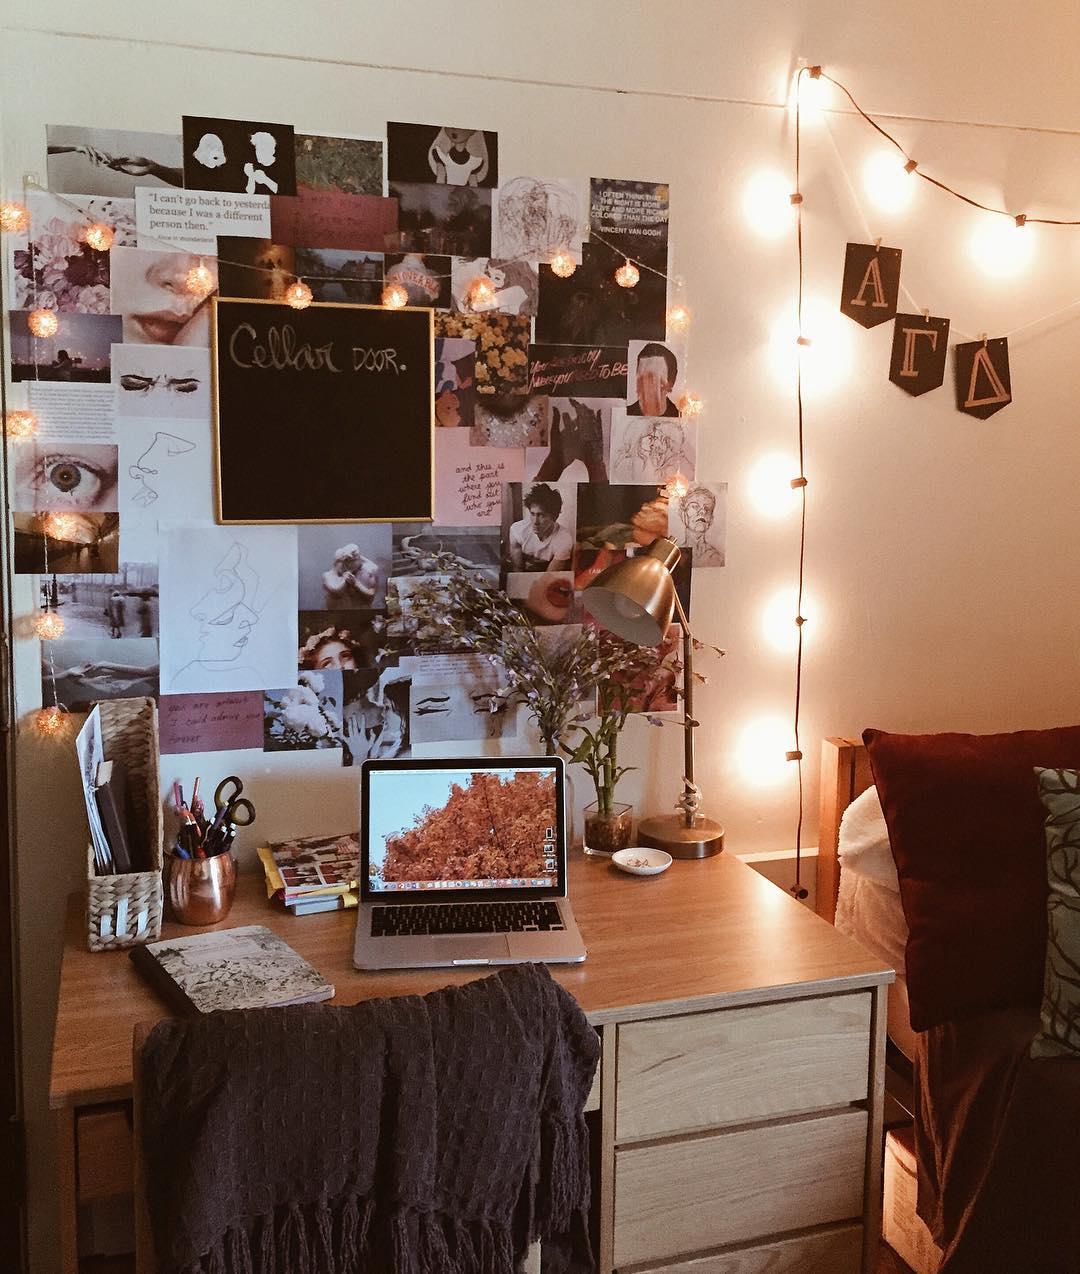 Как украсить комнату в общежитии фото_13